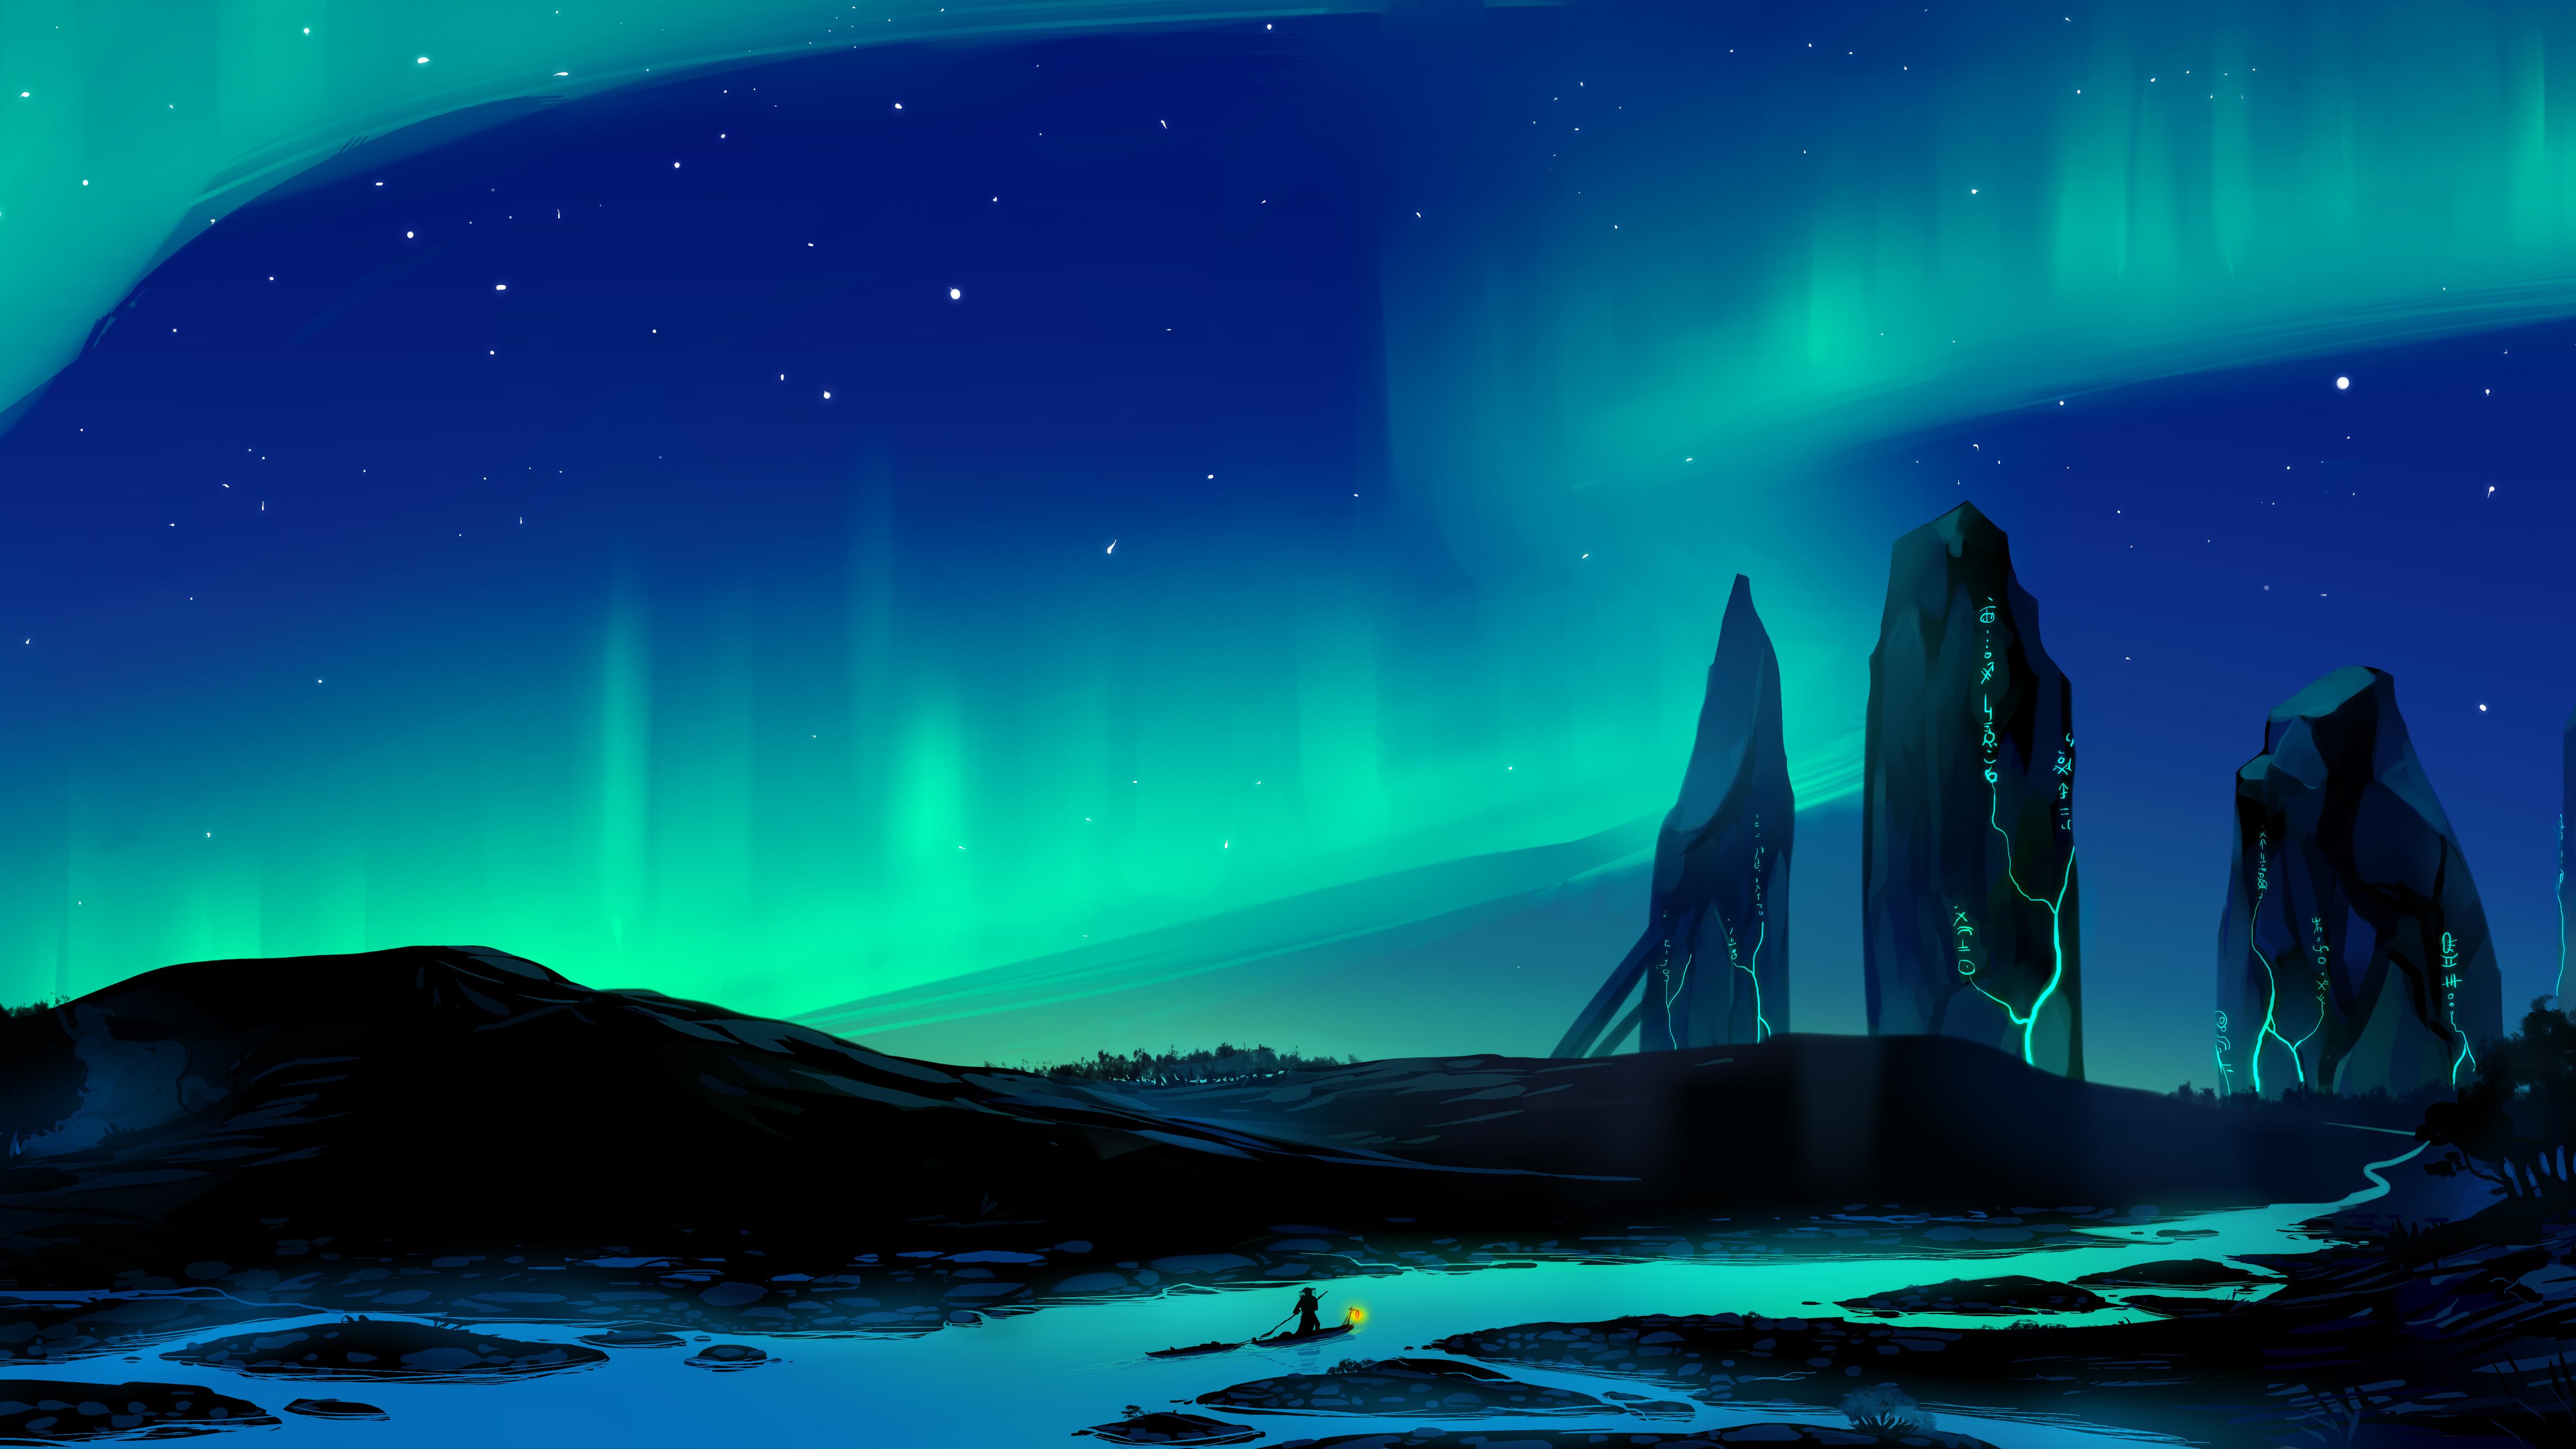 5120x2880 Aurora Borealis Town 5k 5k HD 4k Wallpapers ...